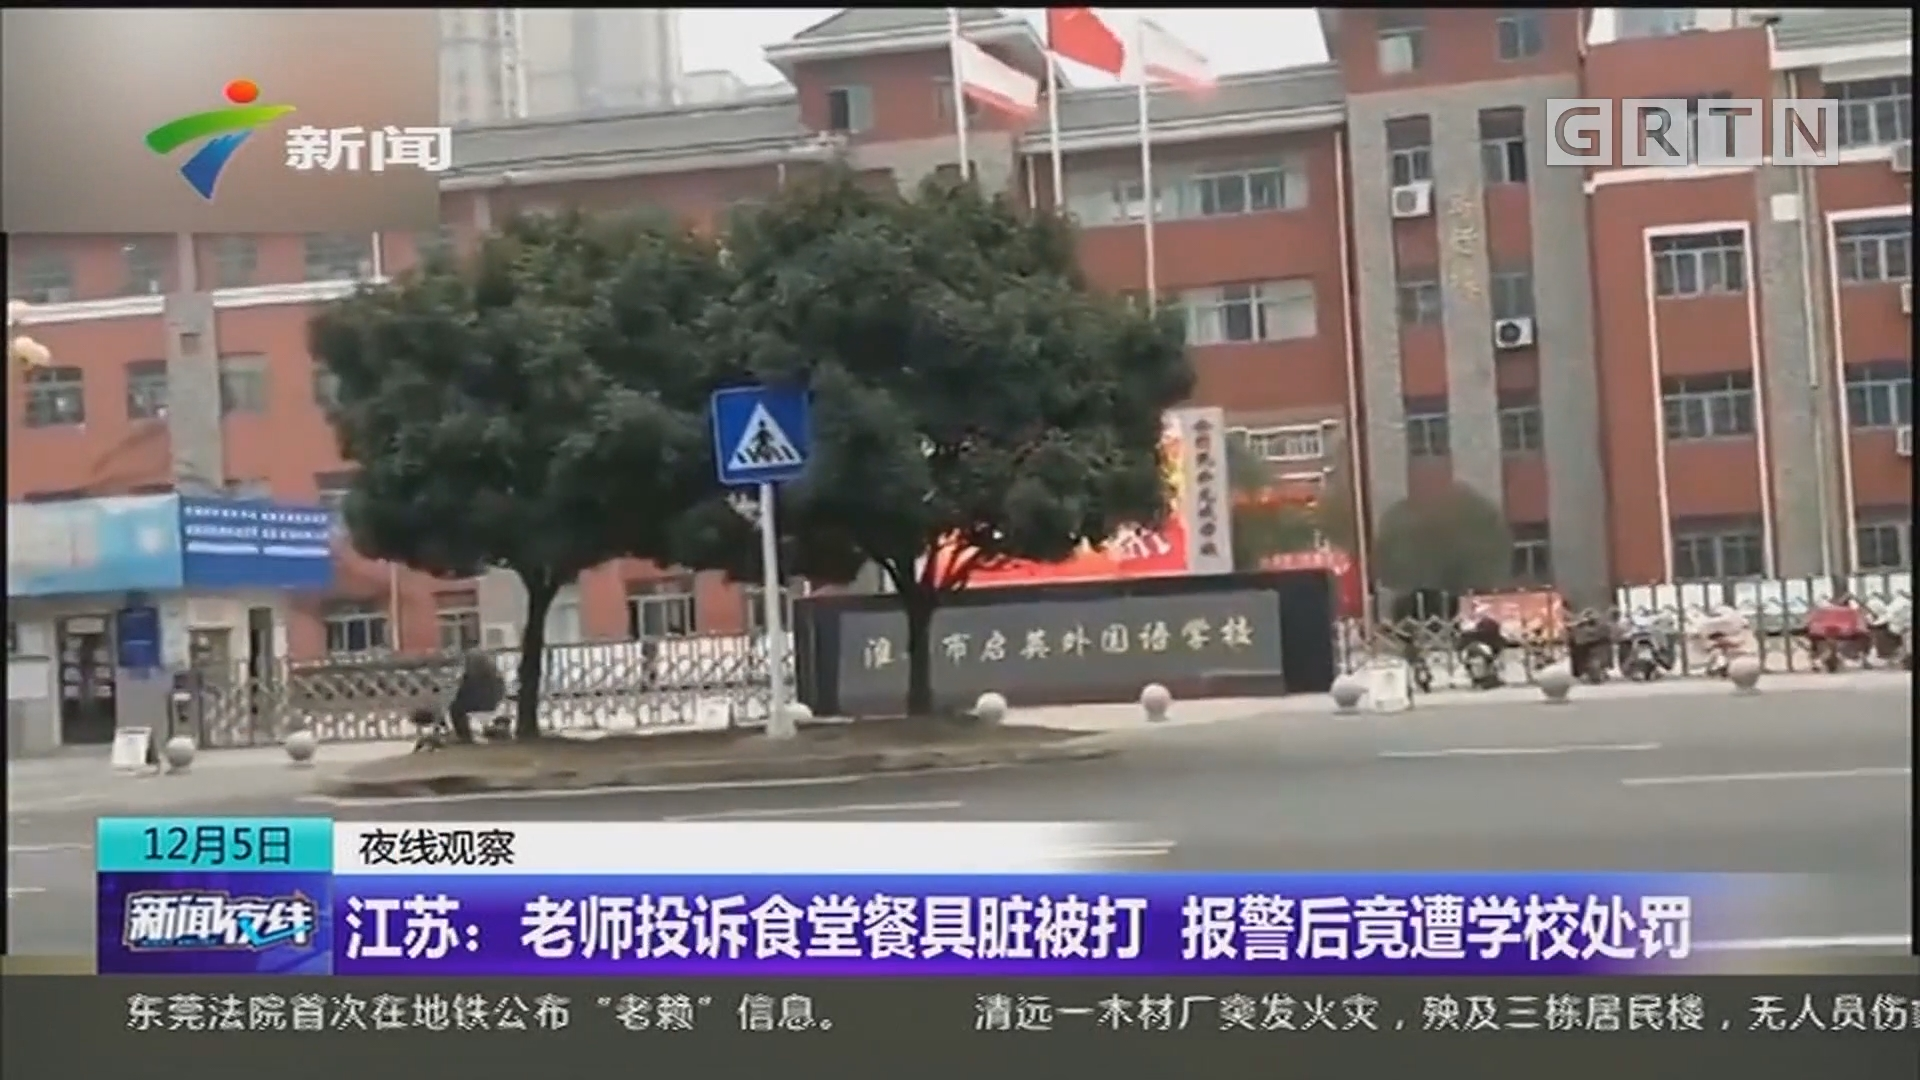 江苏:老师投诉食堂餐具脏被打 报警后竟遭学校处罚